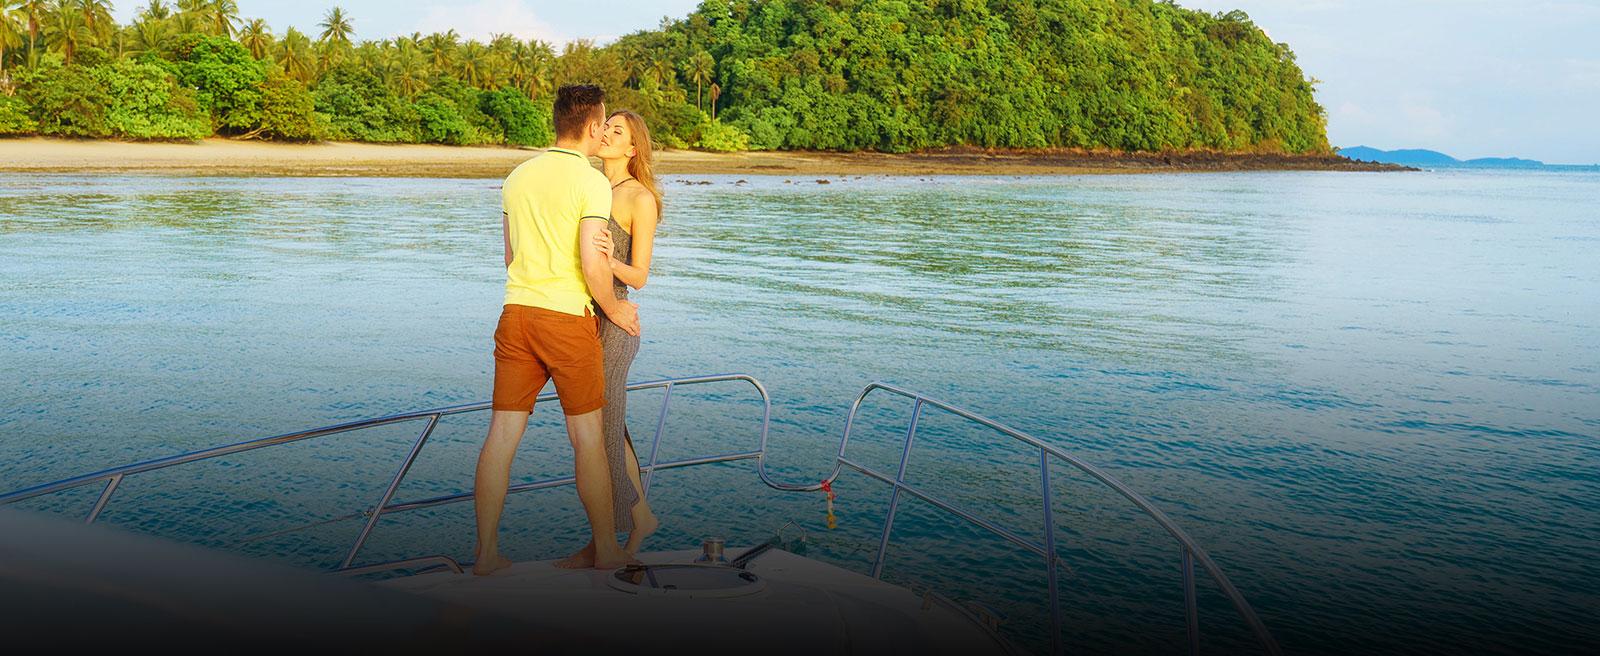 honeymoon-on-yacht